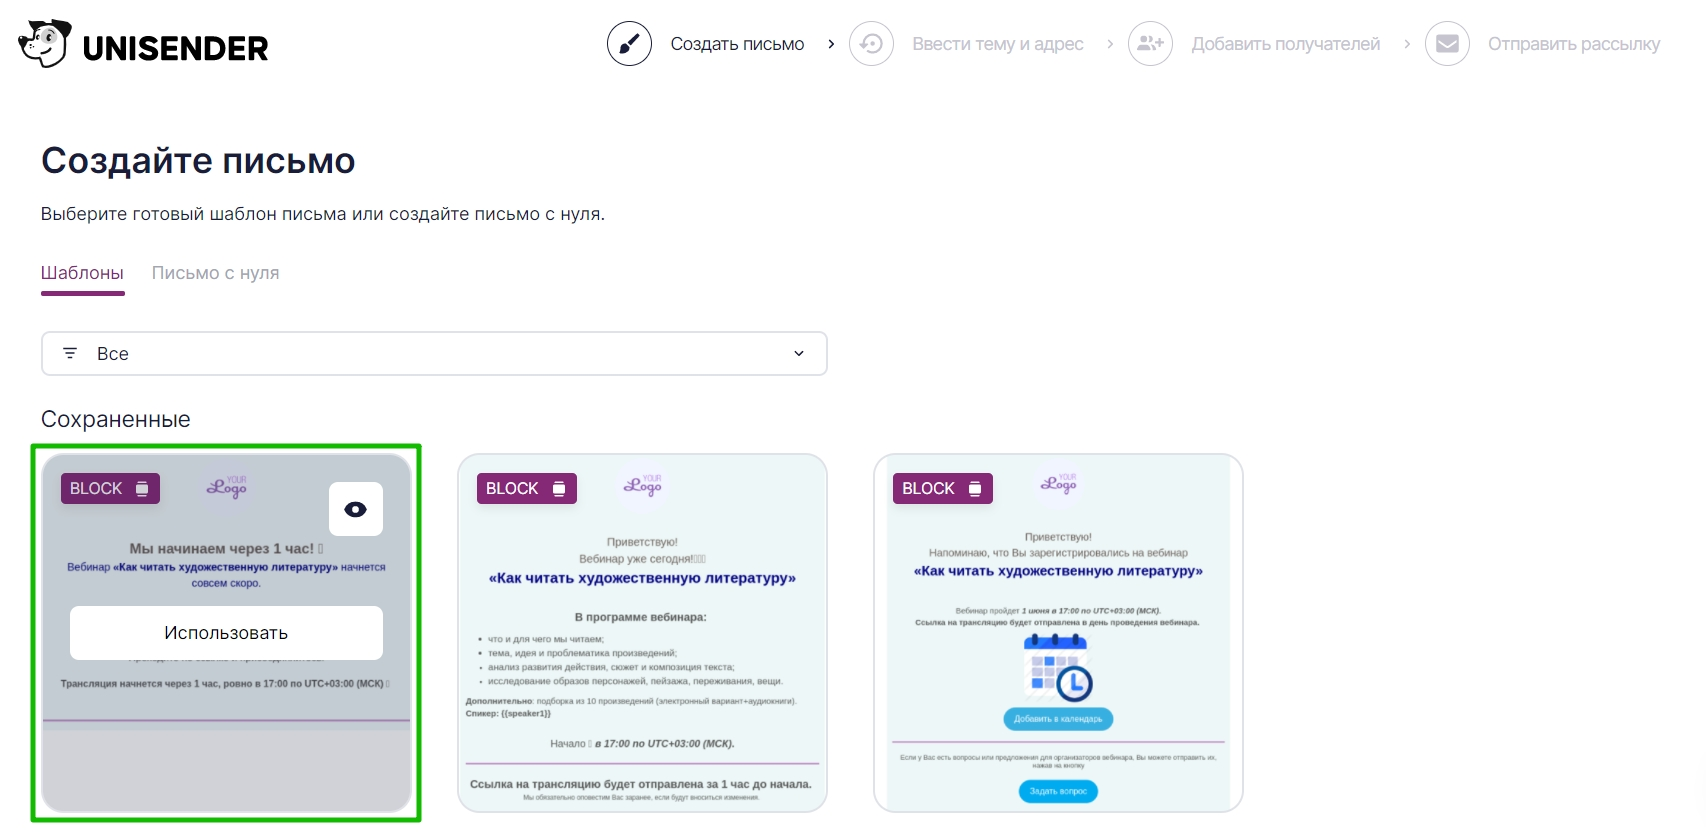 Выбор шаблона для рассылки, которая будет отправлена за 1 час до старта вебинара